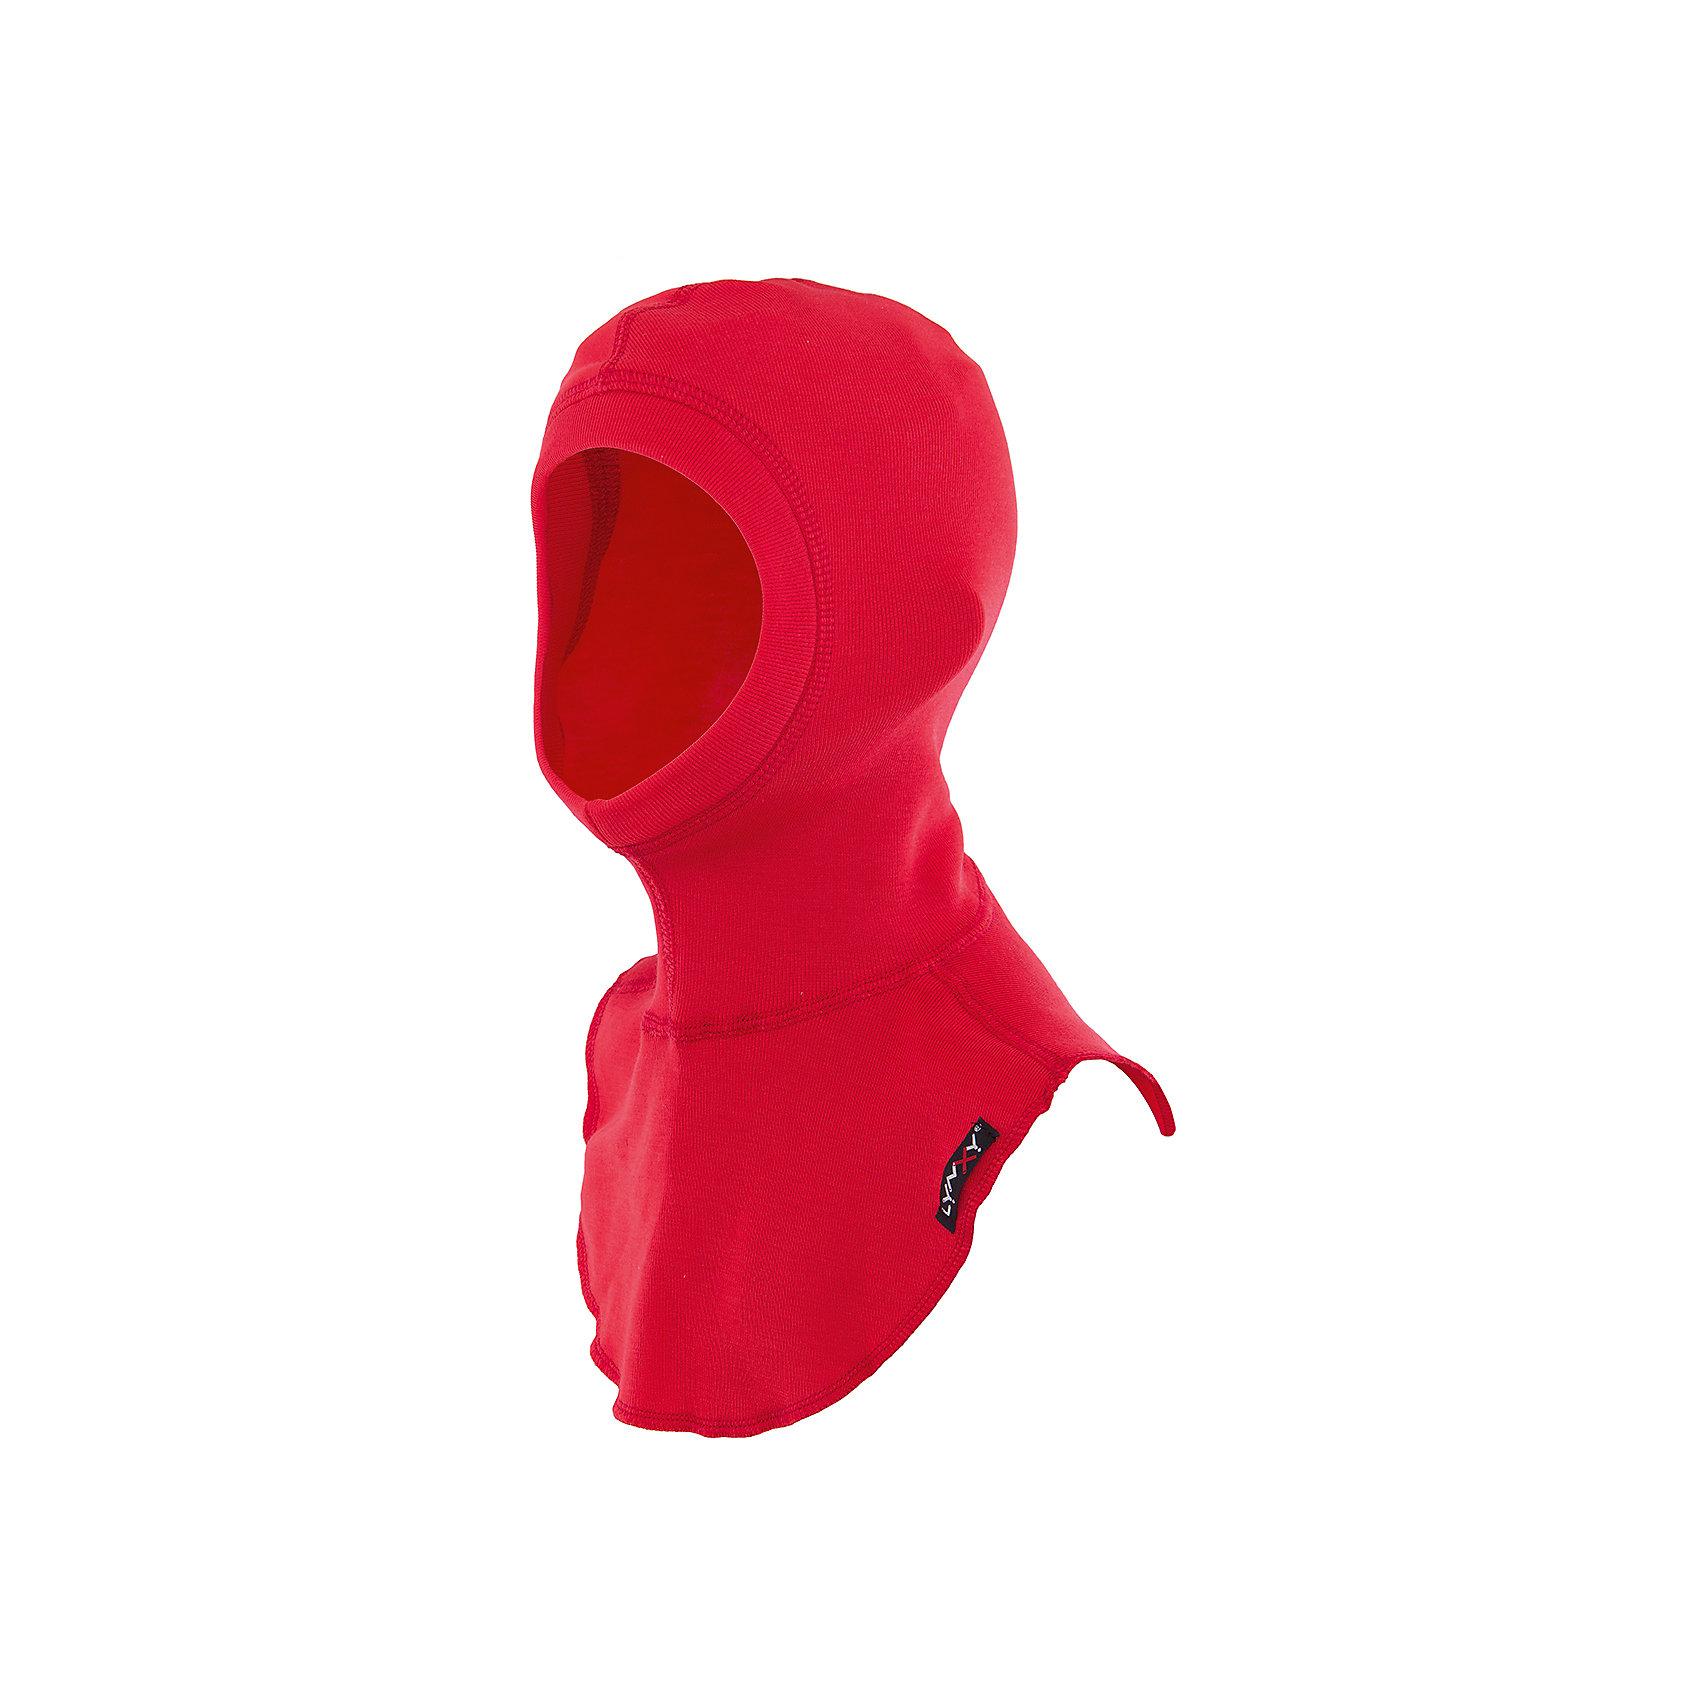 Шапка-шлем LynxyГоловные уборы<br>Шапка-шлем от известного бренда Lynxy.<br>Детский подшлемник выполнен из мягкого термополотна Trevira с микроначесом с изнаночной стороны. Благодаря эластичному и мягкому полотну приятно к телу, плоские швы и эргономические лекала обеспечивают комфортное прилегание изделия. Идеально сохраняет тепло и выводит влагу, позволяя коже оставаться сухой. Благодаря присутствию ионов серебра в структуре полотна, имеет противомикробные свойства. Идеально подходит для длительных прогулок и активных занятий спортом в холодное время года до - 30 градусов. Рекомендуется деликатная машинная стирка при температуре 40 градусов без предварительного замачивания.<br>Состав:<br>полиэстер 95%, вискоза 5%<br><br>Ширина мм: 89<br>Глубина мм: 117<br>Высота мм: 44<br>Вес г: 155<br>Цвет: красный<br>Возраст от месяцев: 60<br>Возраст до месяцев: 120<br>Пол: Унисекс<br>Возраст: Детский<br>Размер: 54,56,52<br>SKU: 4971217